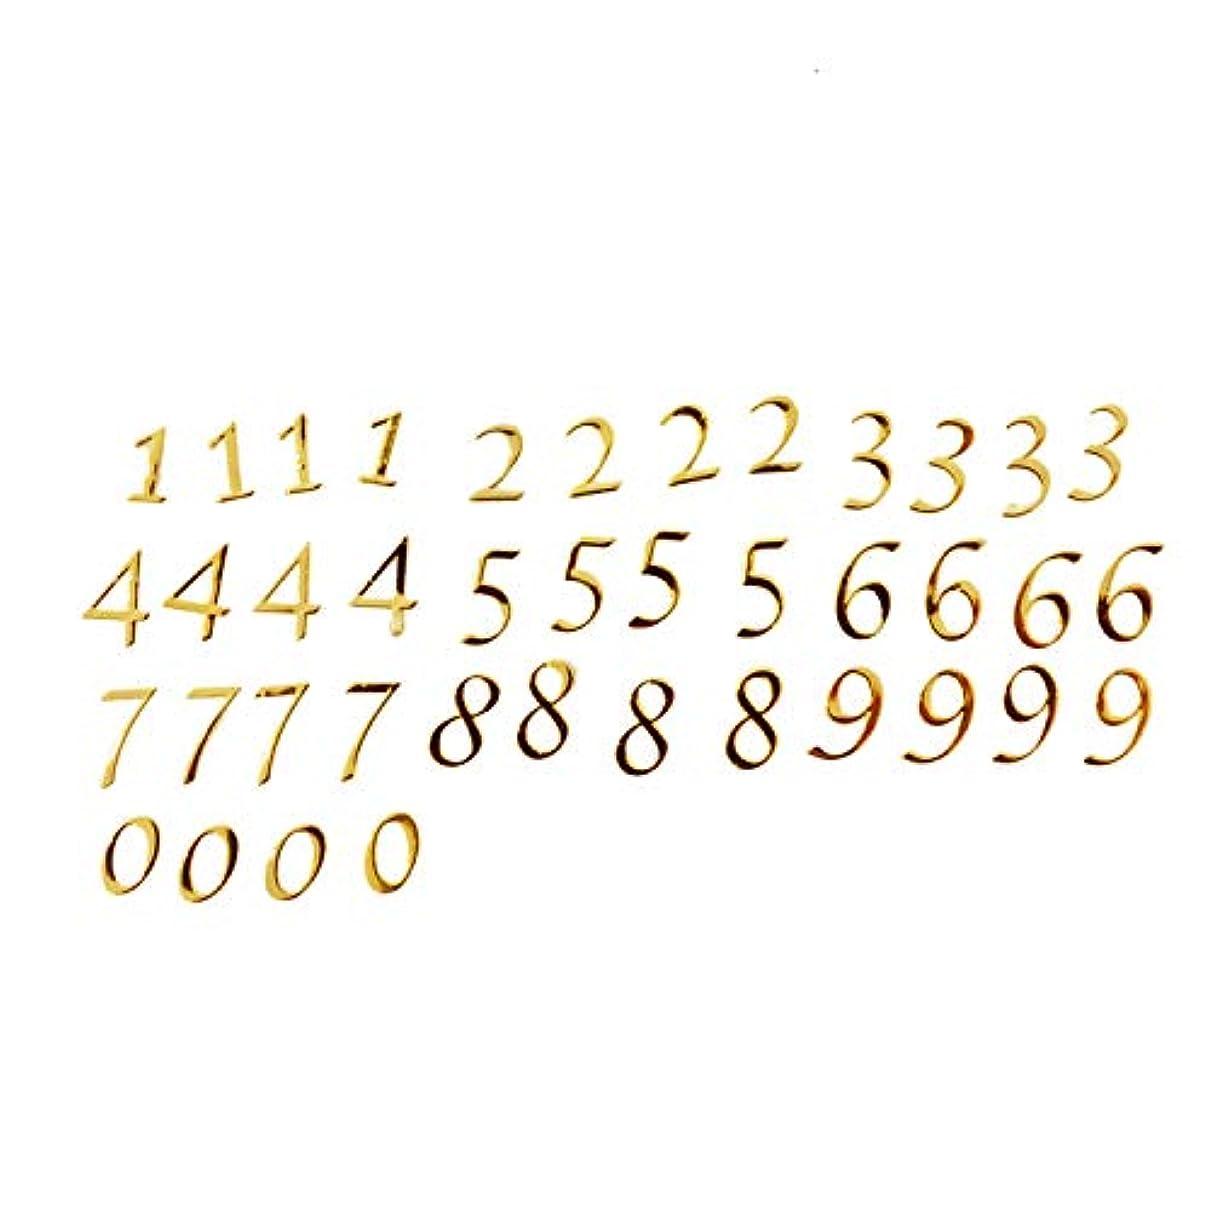 マニュアル覆す章数字のメタルパーツ0から9まで4枚ずつ、合計40枚セット